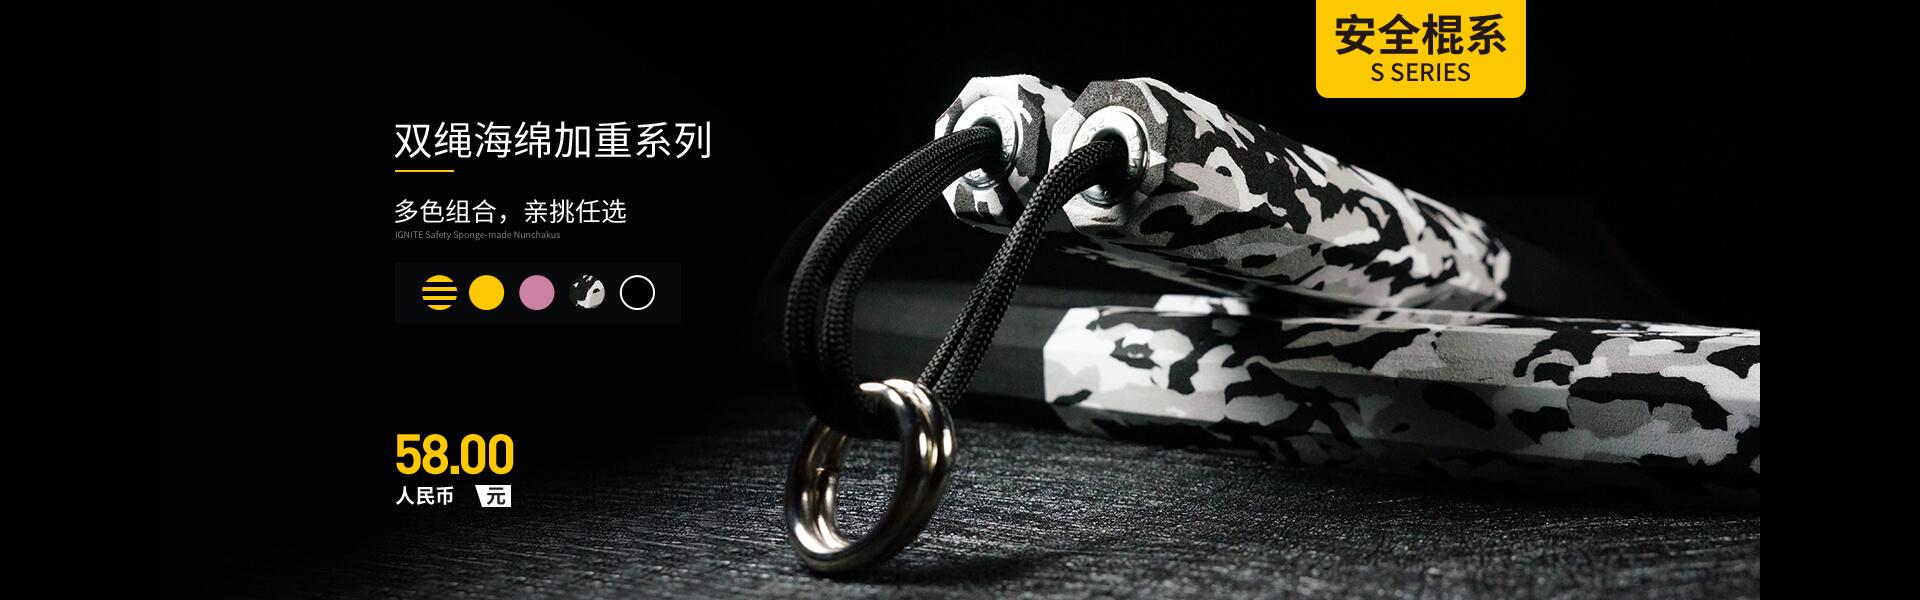 银焰·IGNITE 安全双节棍 双绳系列